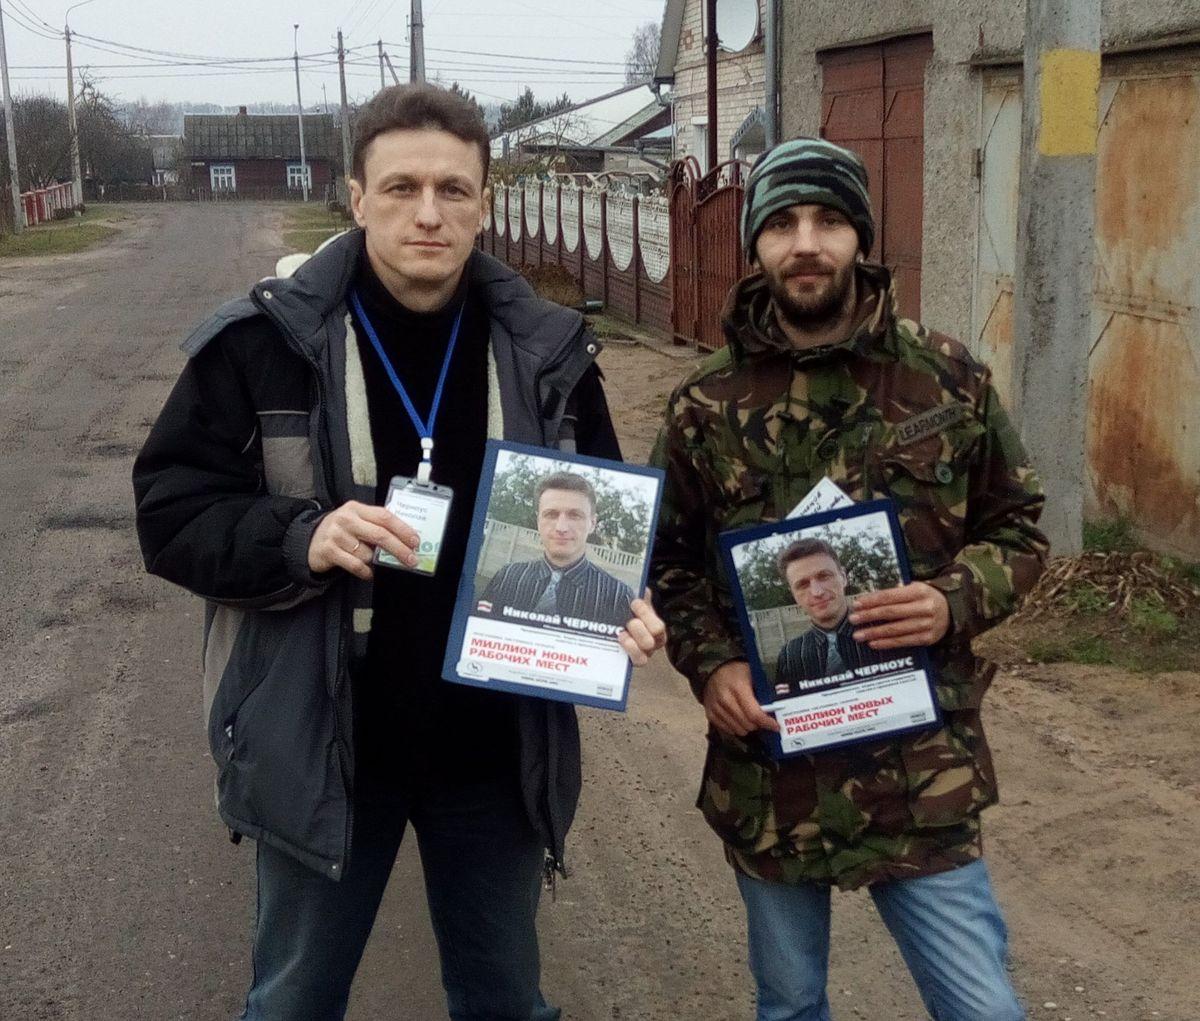 Николай Черноус-младший (слева) и член его инициативной группы Сергей Кузнецов. Фото: архив Николая ЧЕРНОУСА